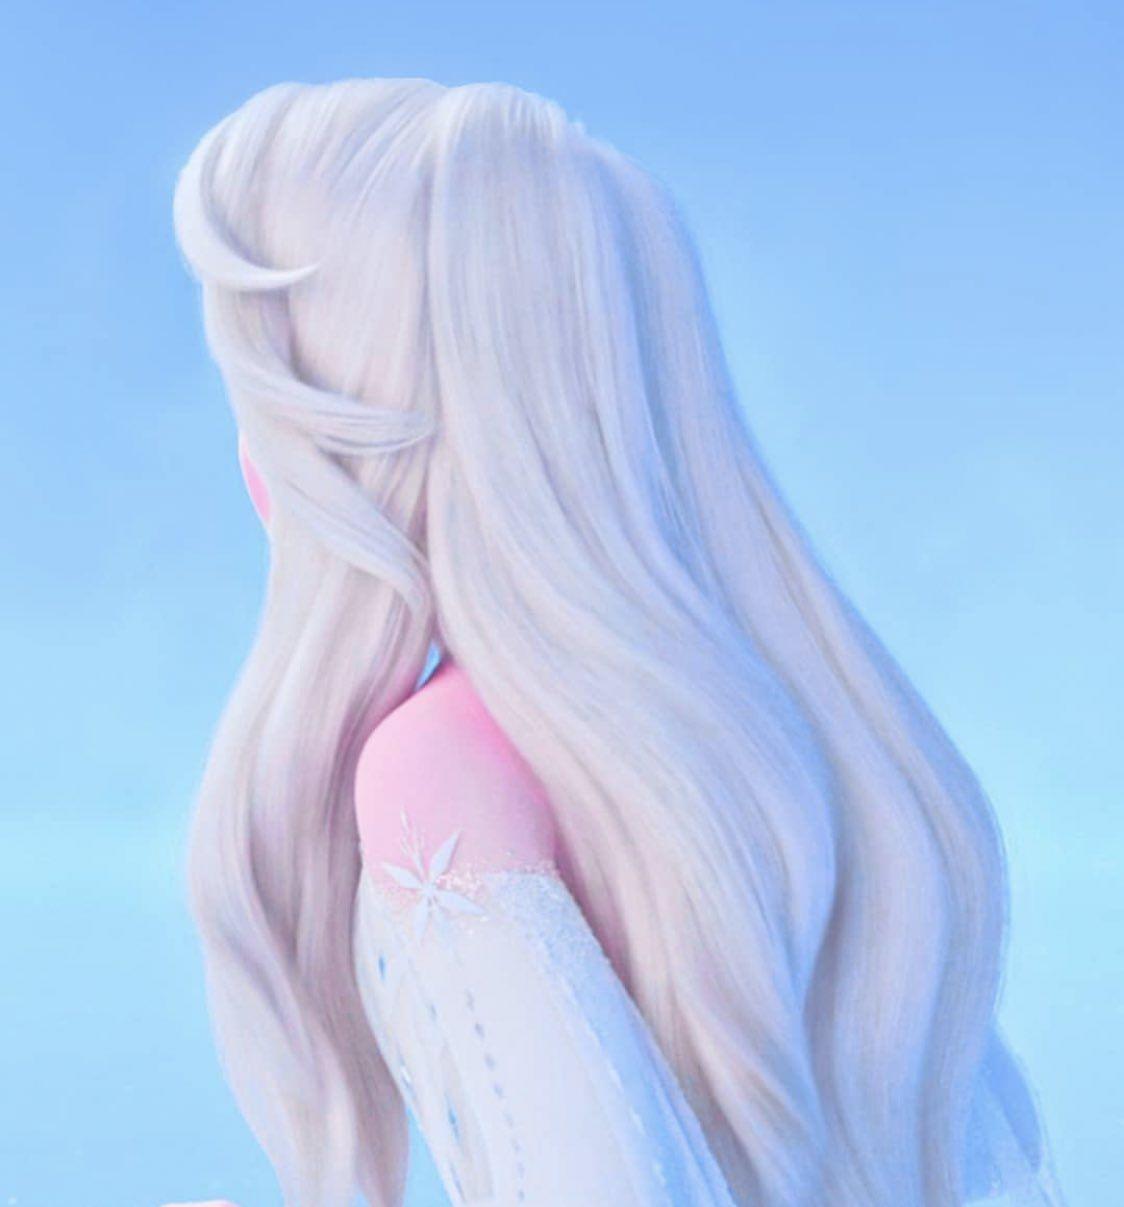 Karla On Twitter In 2020 Disney Princess Frozen Disney Frozen Elsa Frozen Movie